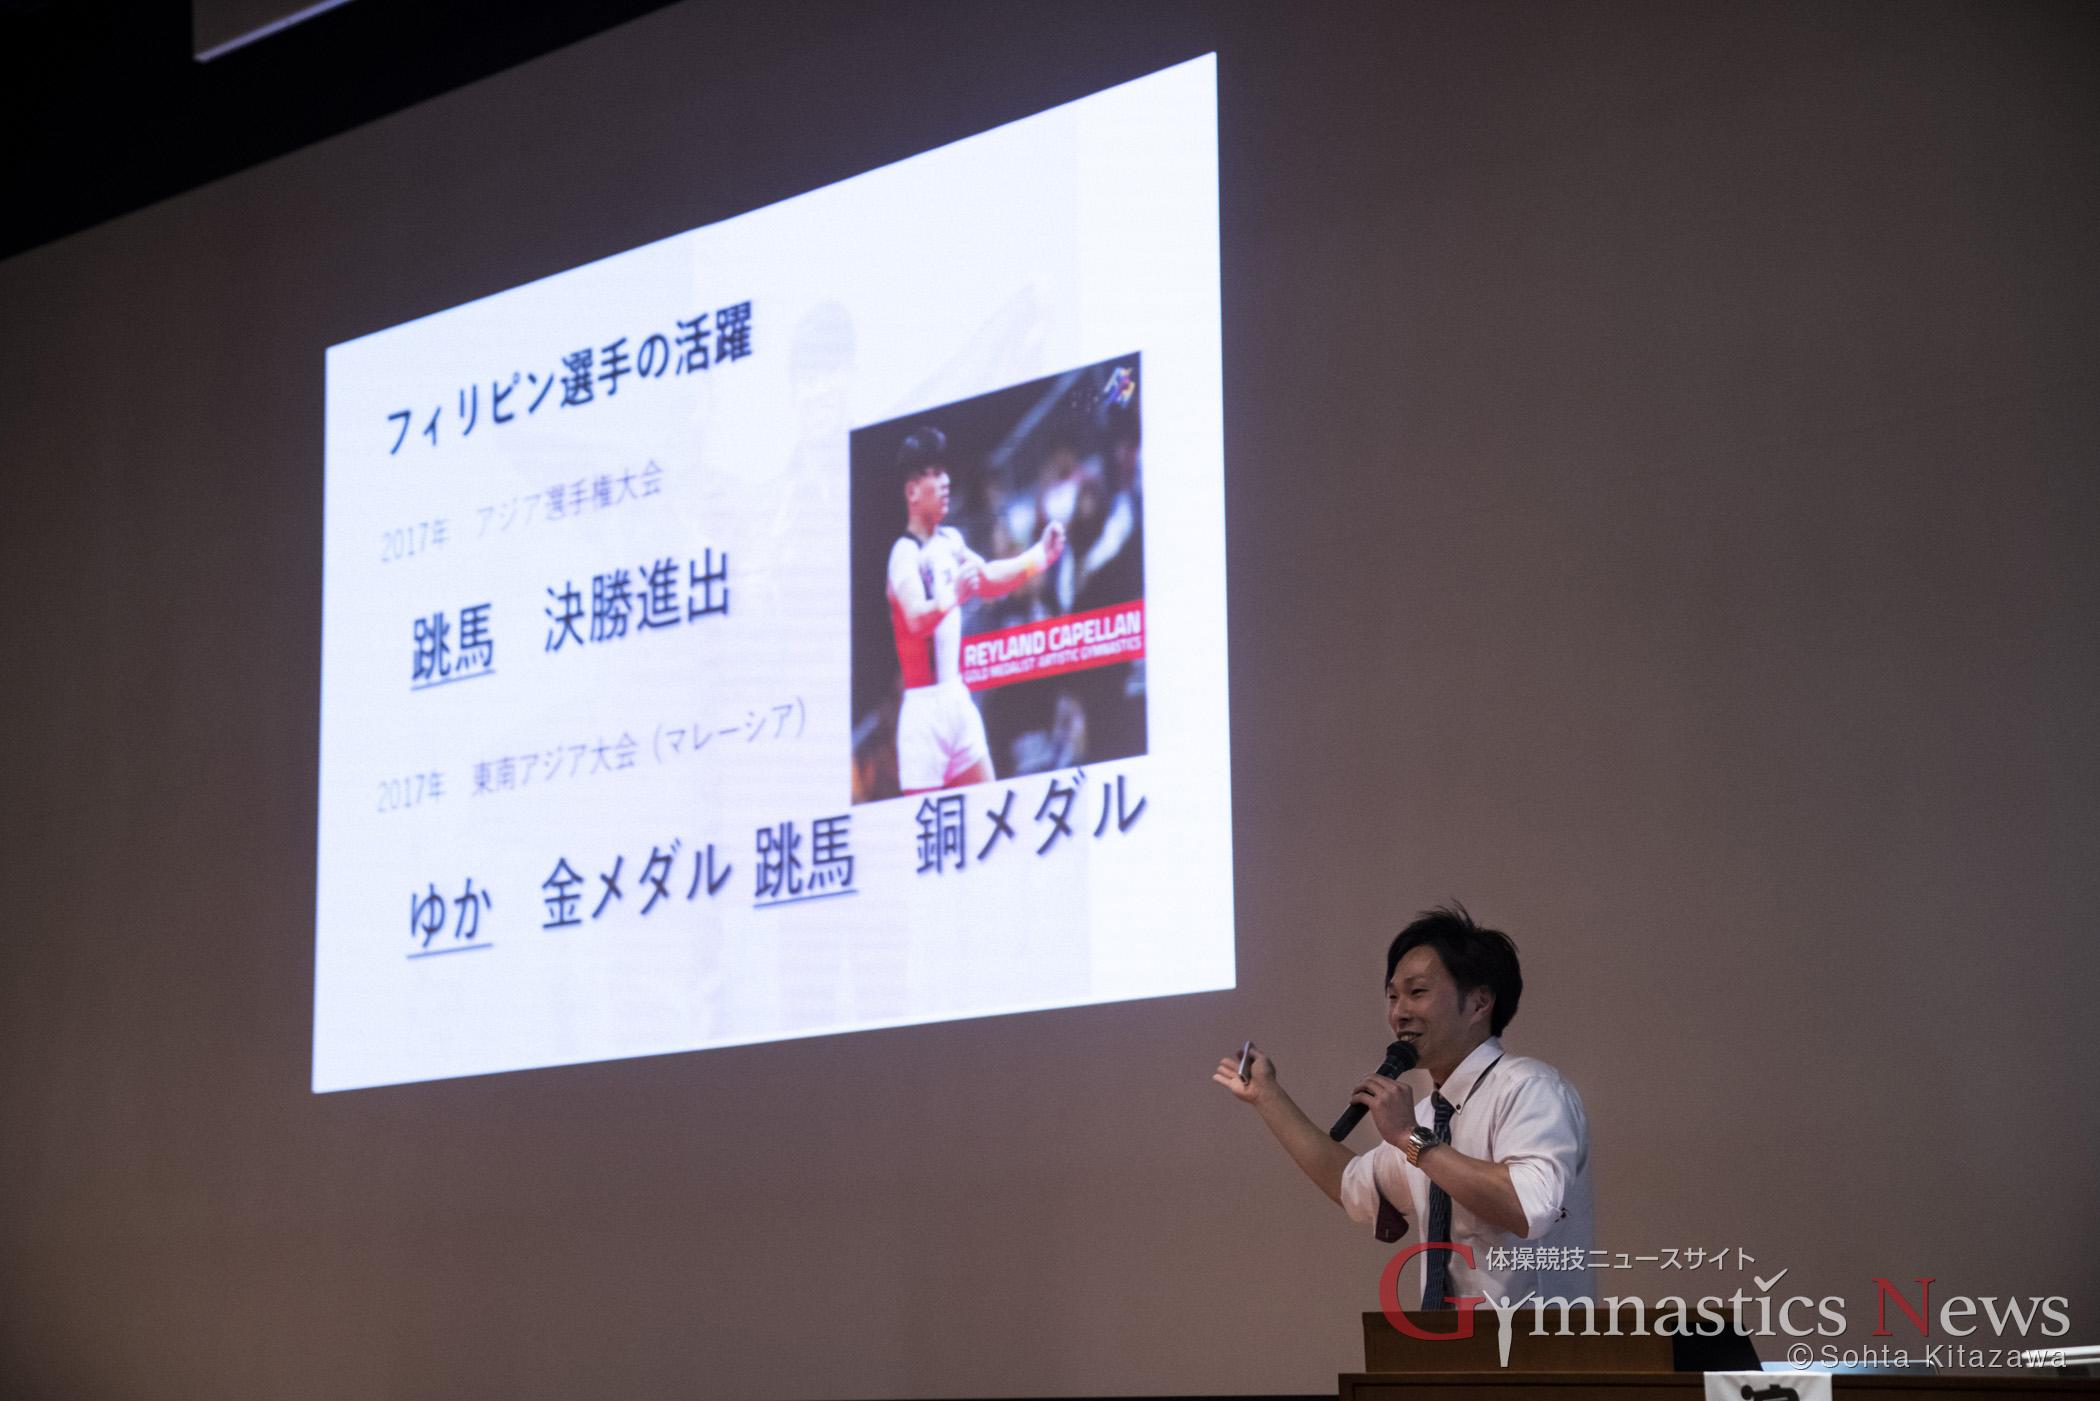 釘宮宗大氏に寄る「フィリピン体操界の現状報告」